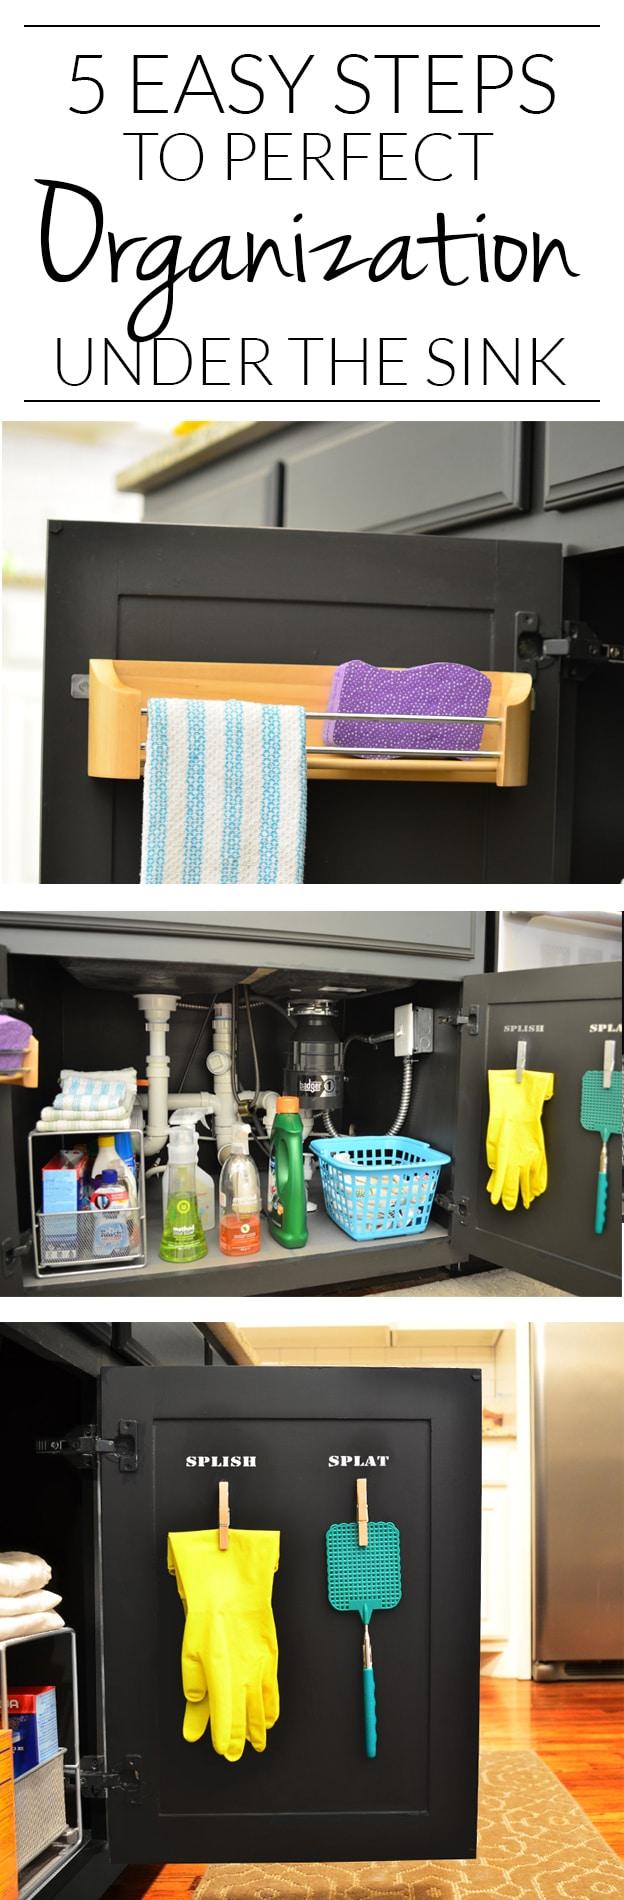 Under Kitchen Sink Cabinet Under kitchen sink organization ideas that add storage 5 simple steps to finally getting the cabinet under the kitchen sink under control i workwithnaturefo